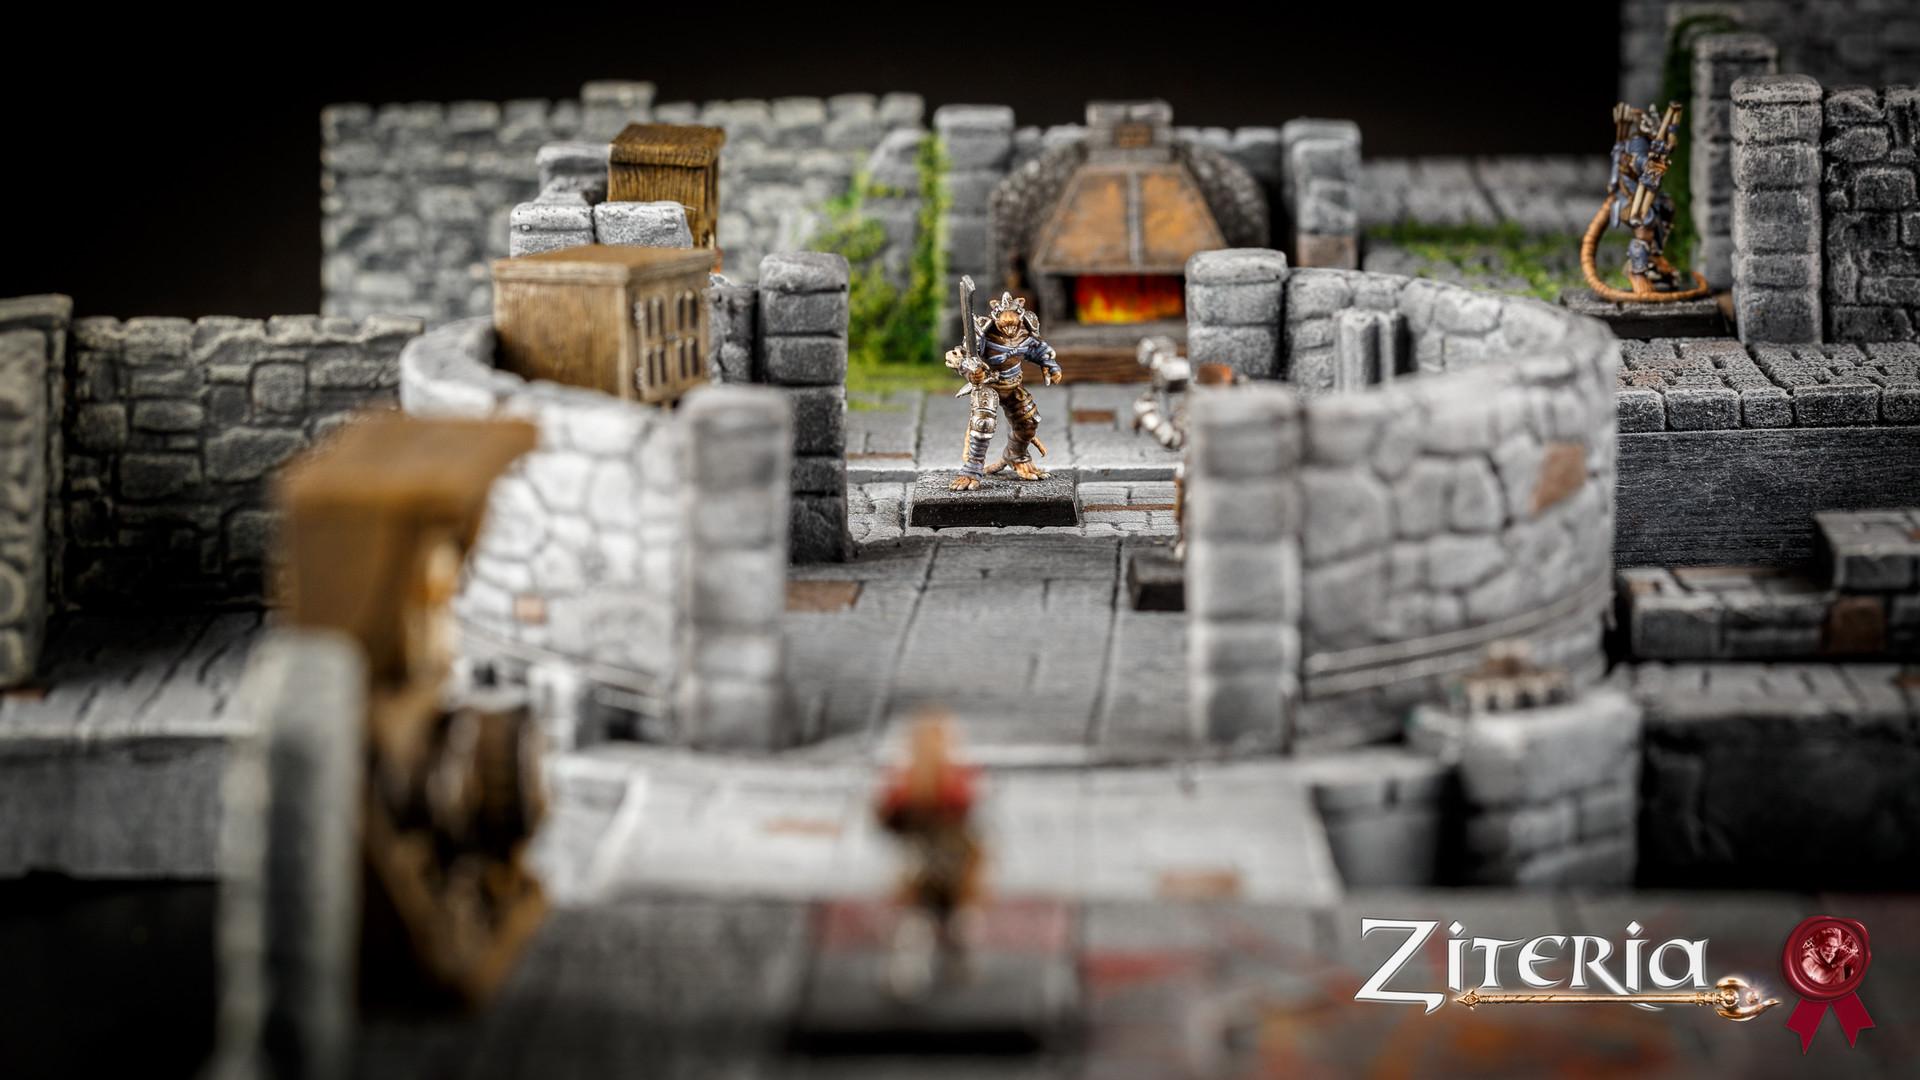 ZITERDES Dunkelstadt Dungeon